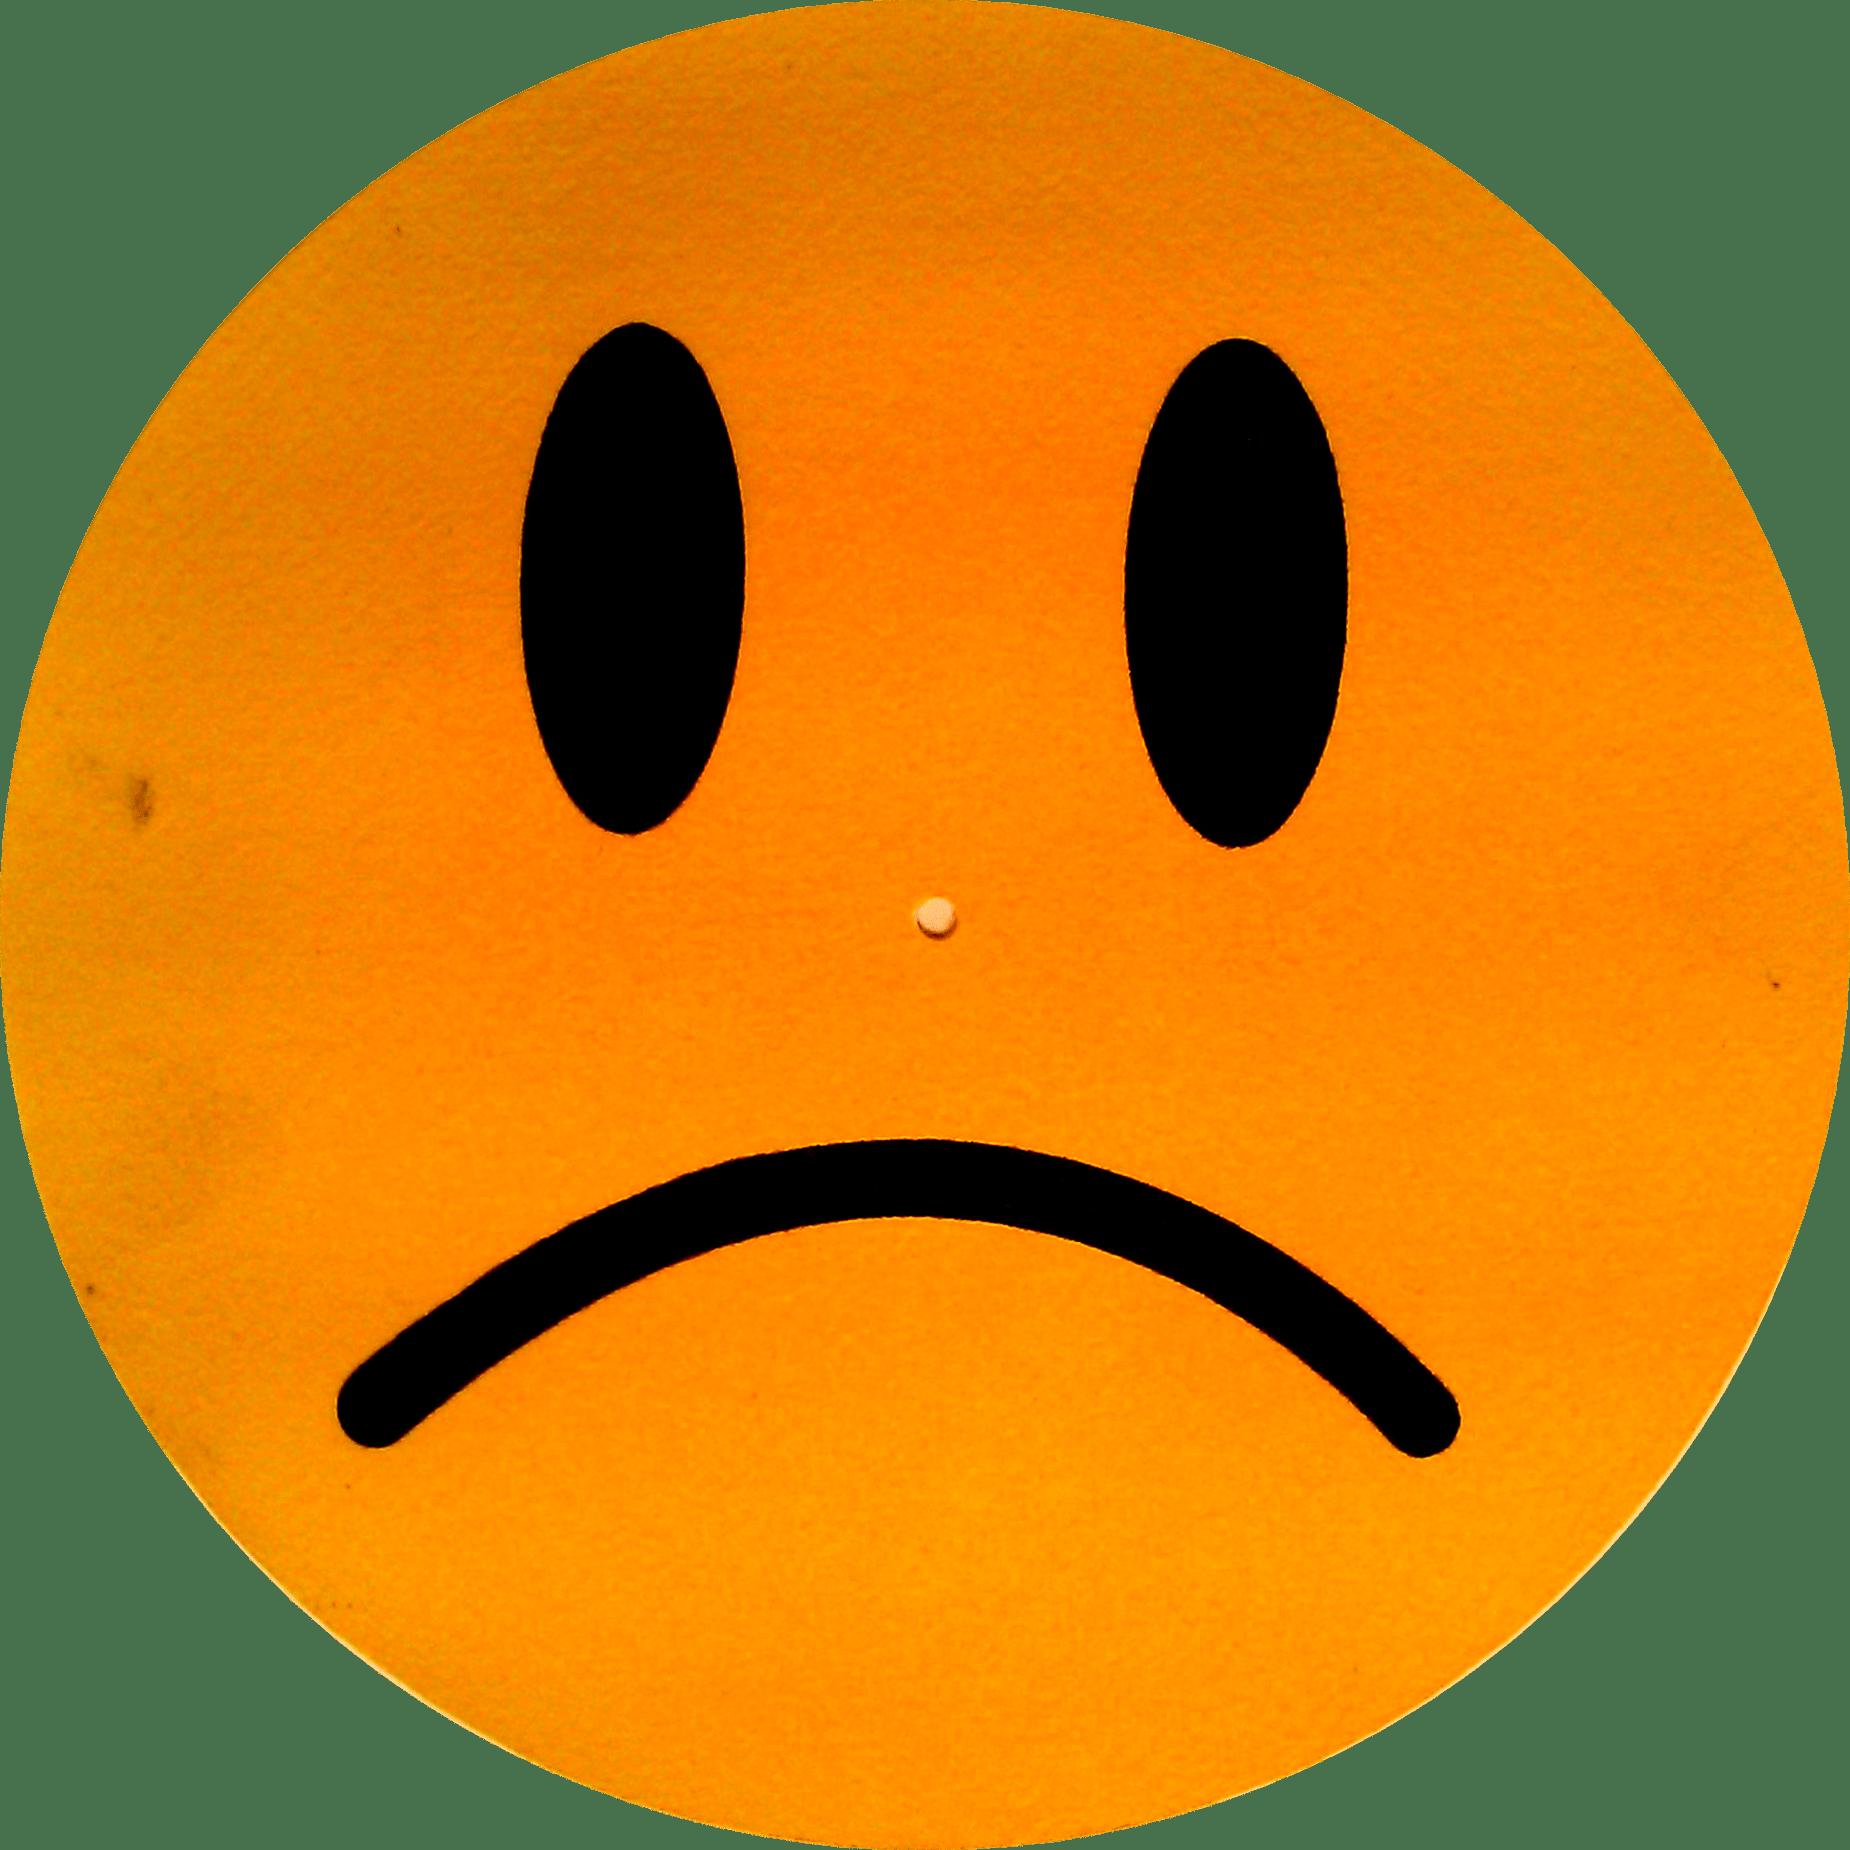 1850x1850 Pictures Of A Sad Face Matatarantula